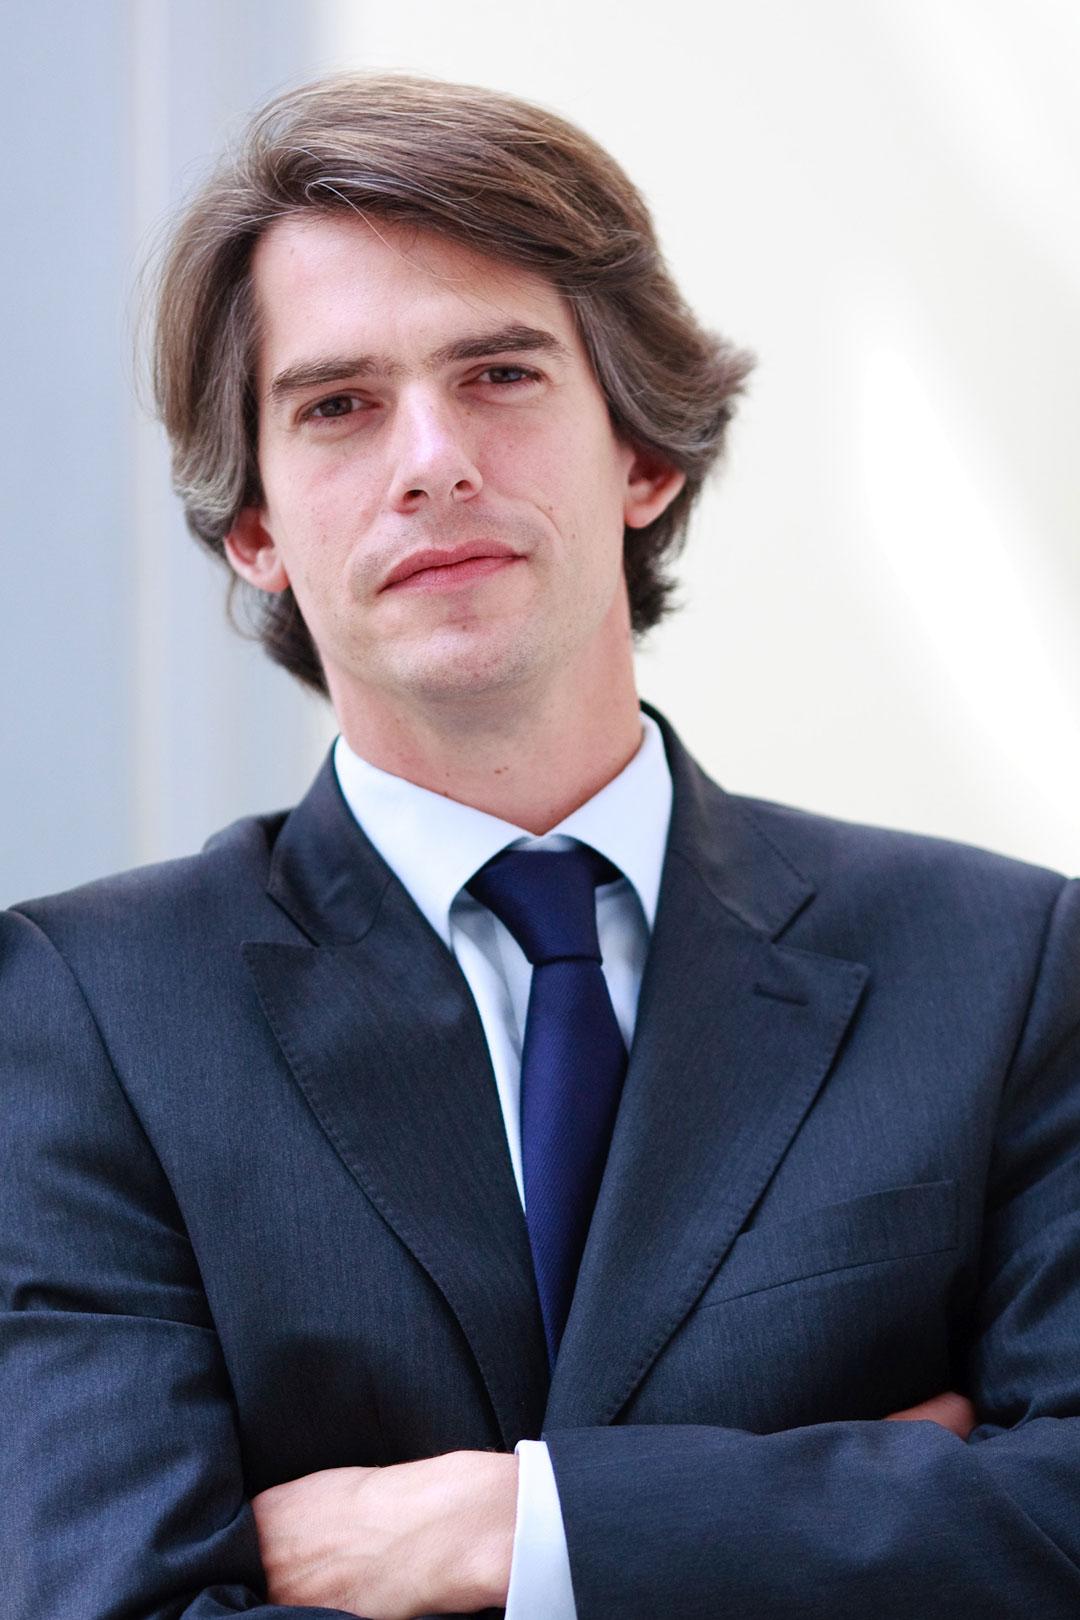 http://www.de-pardieu.com/wp-content/uploads/2014/12/BREART-DE-BOISANGER-Thomas-BD.jpg